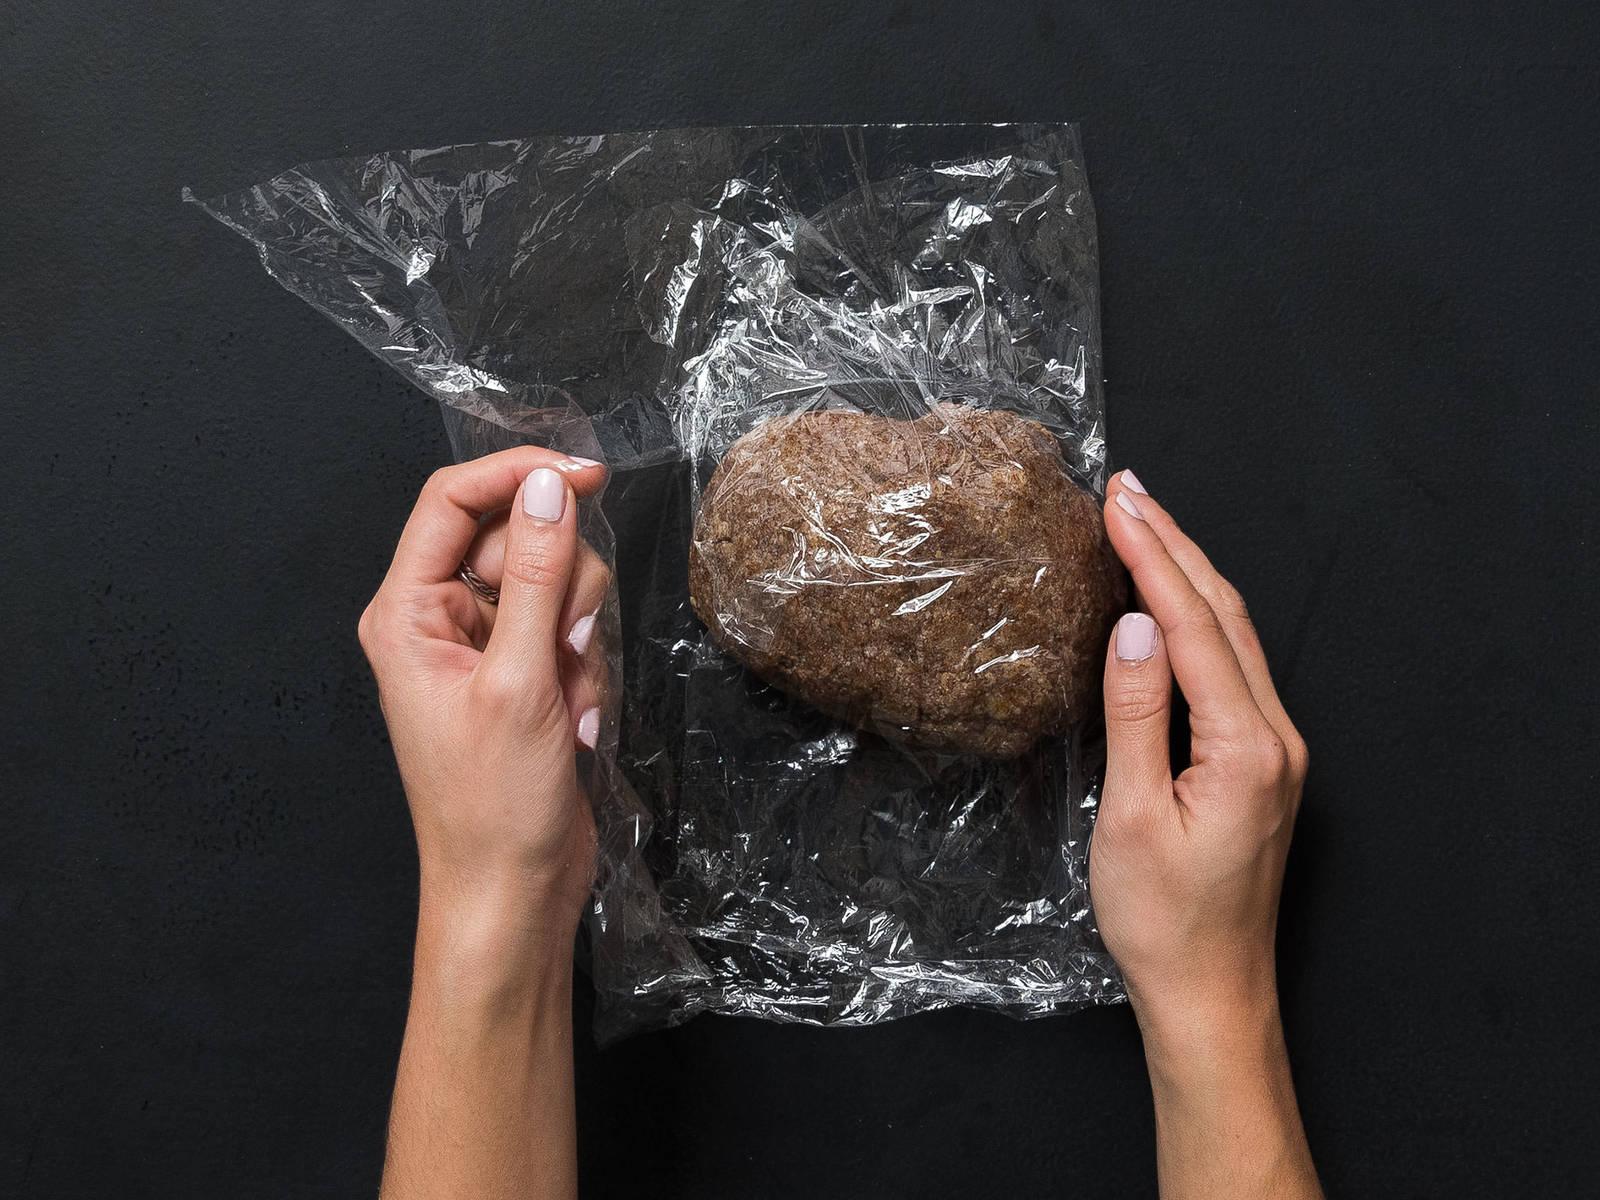 关火取下糖的混合物,倒进放了杏仁粉的大碗。搅拌均匀后,拌入蛋白。一点点地撒入糖粉,搅拌至形成面团。盖上塑料膜,冷藏2小时。